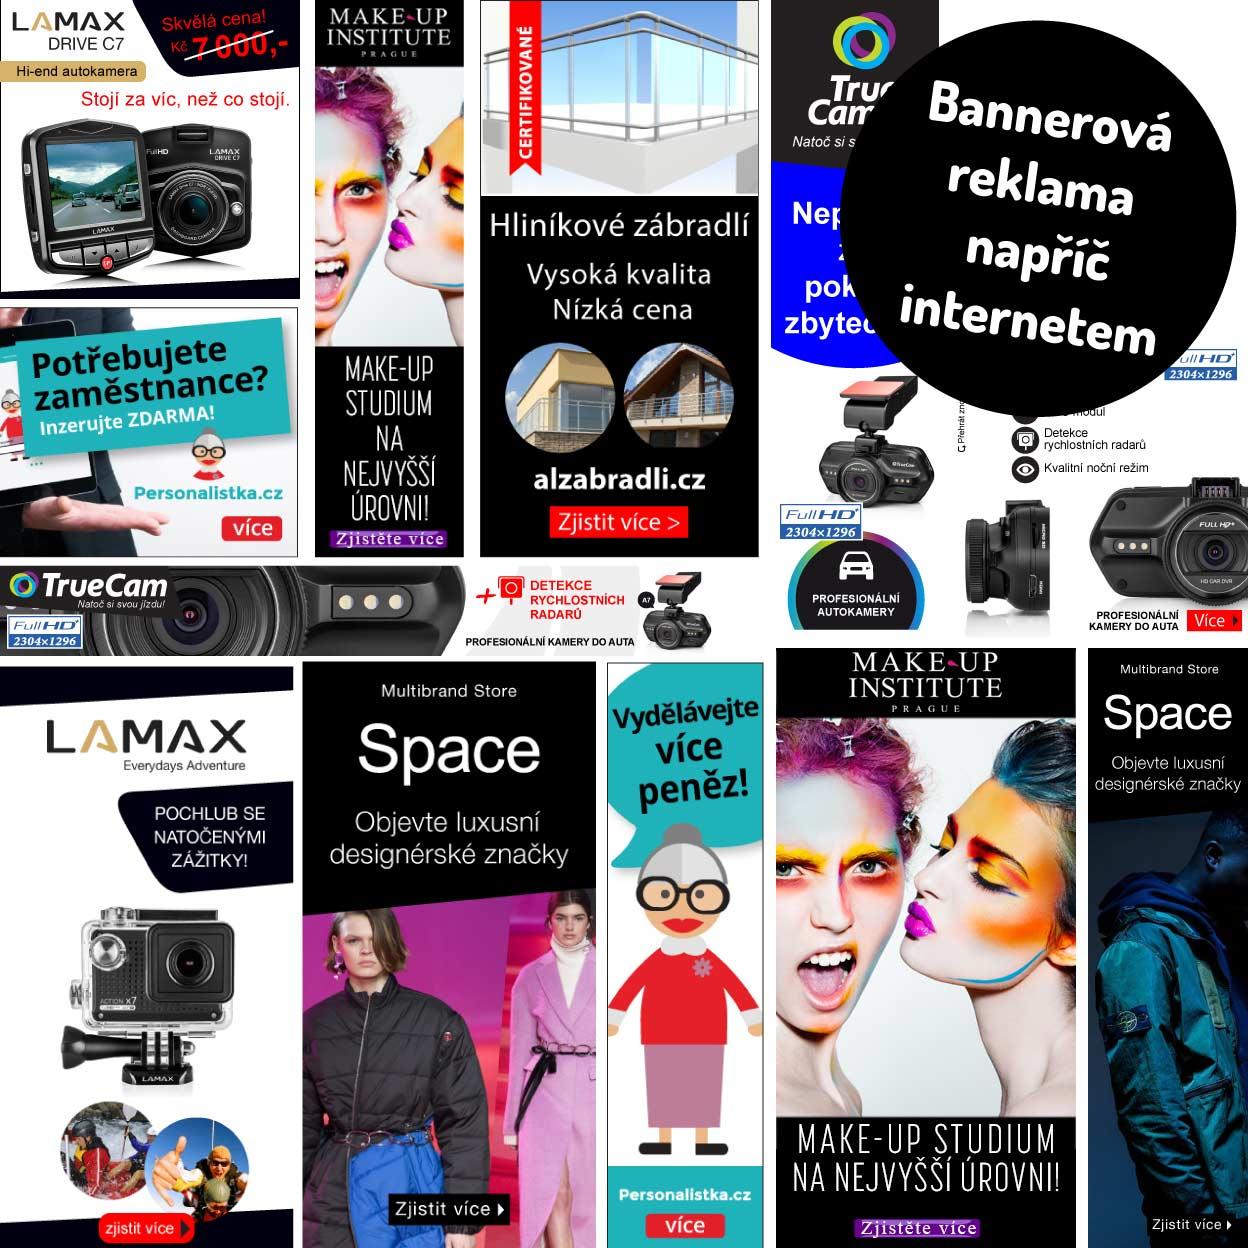 Reklamní bannery pro web